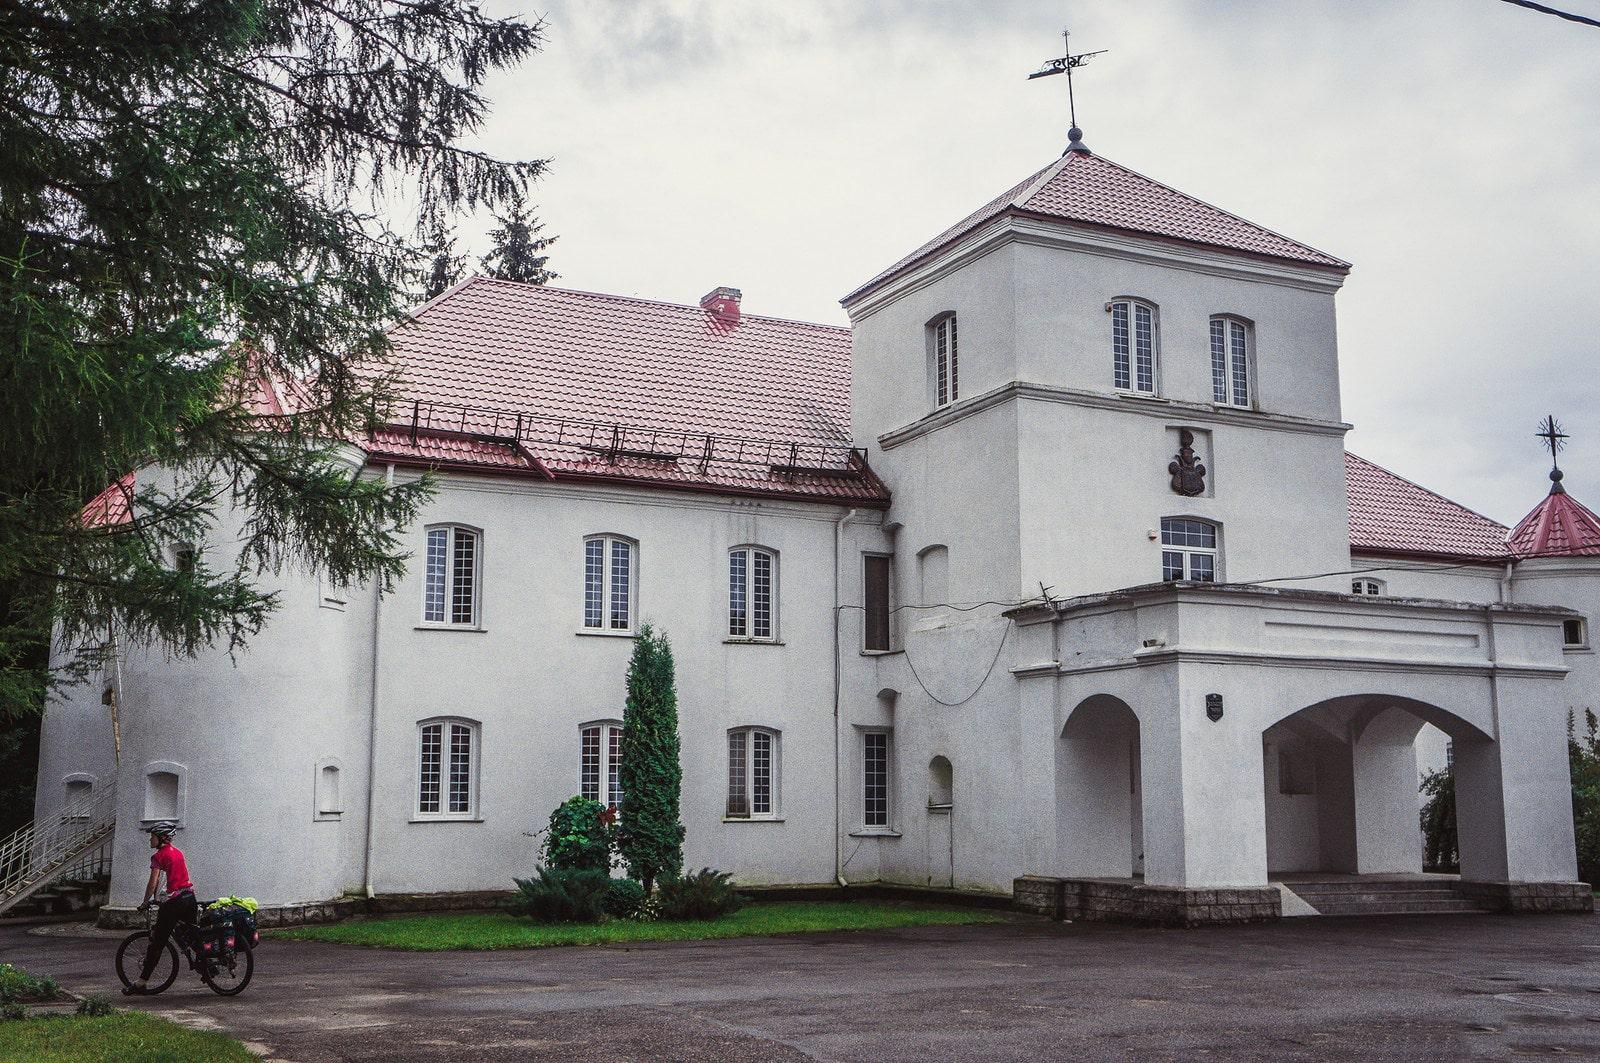 Дом-замок в Гайтюнишках построен в 1611 году